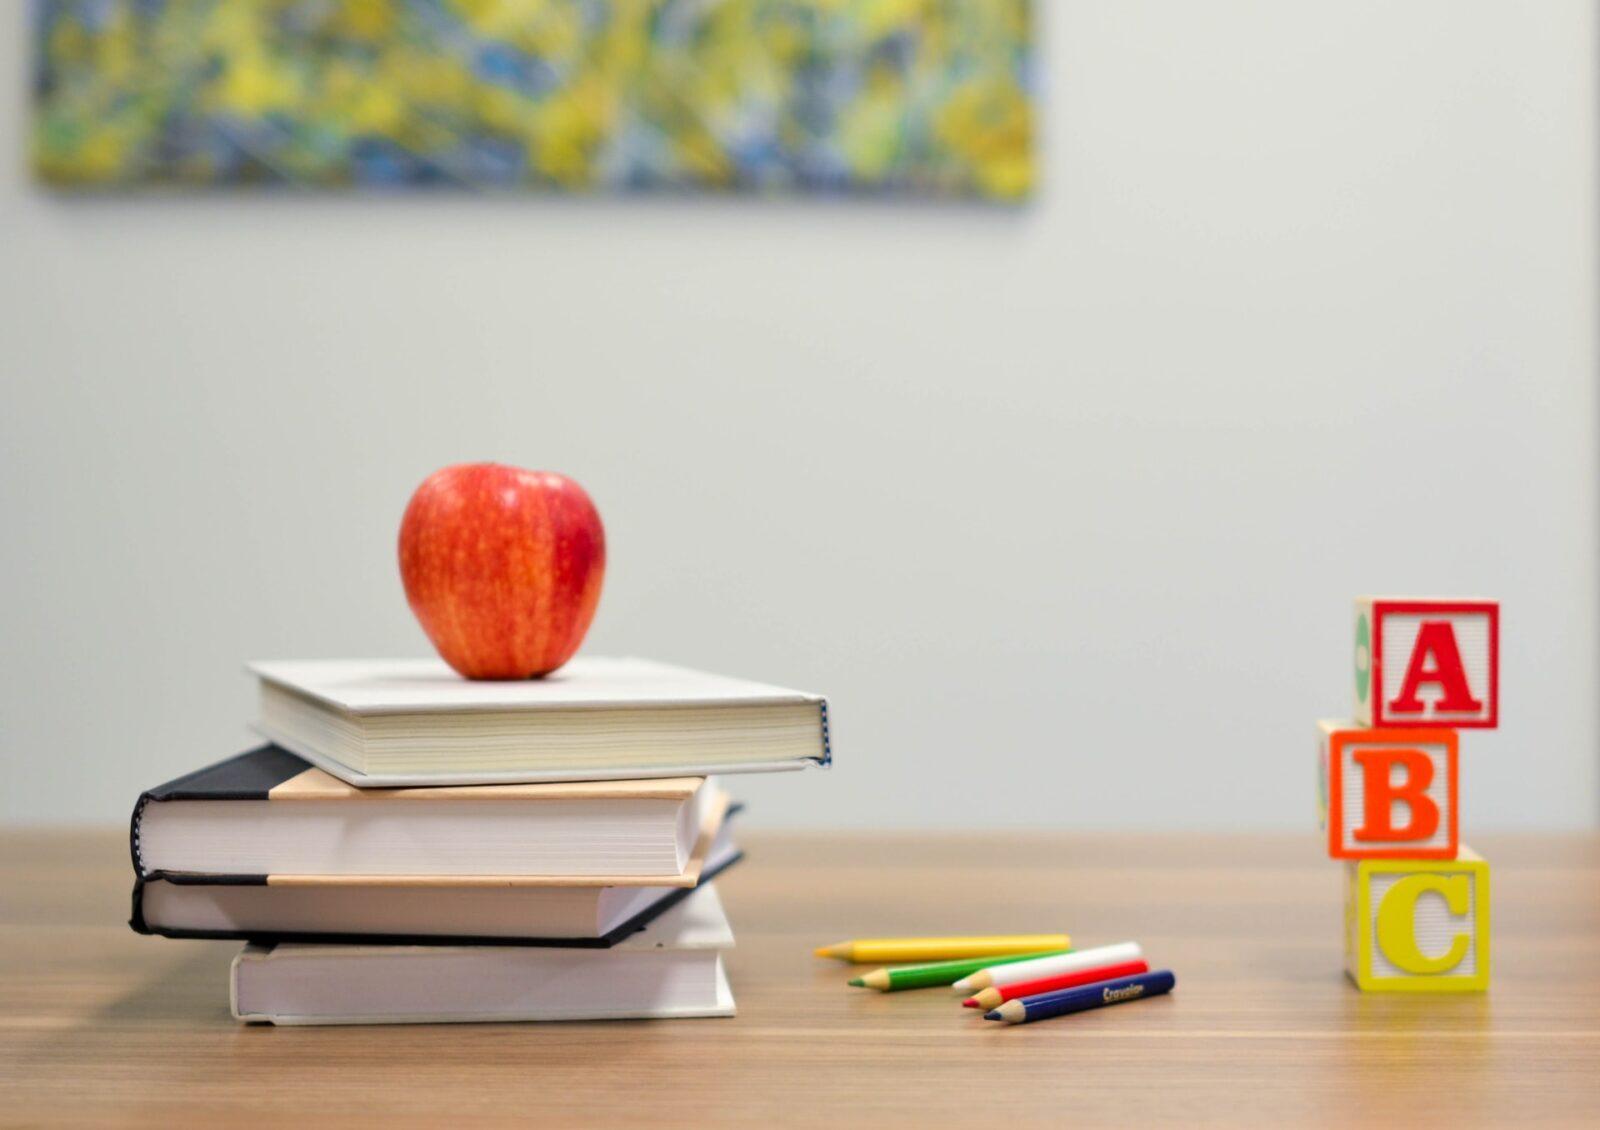 Со следующего учебного года в школах вводятся «уроки здоровья»